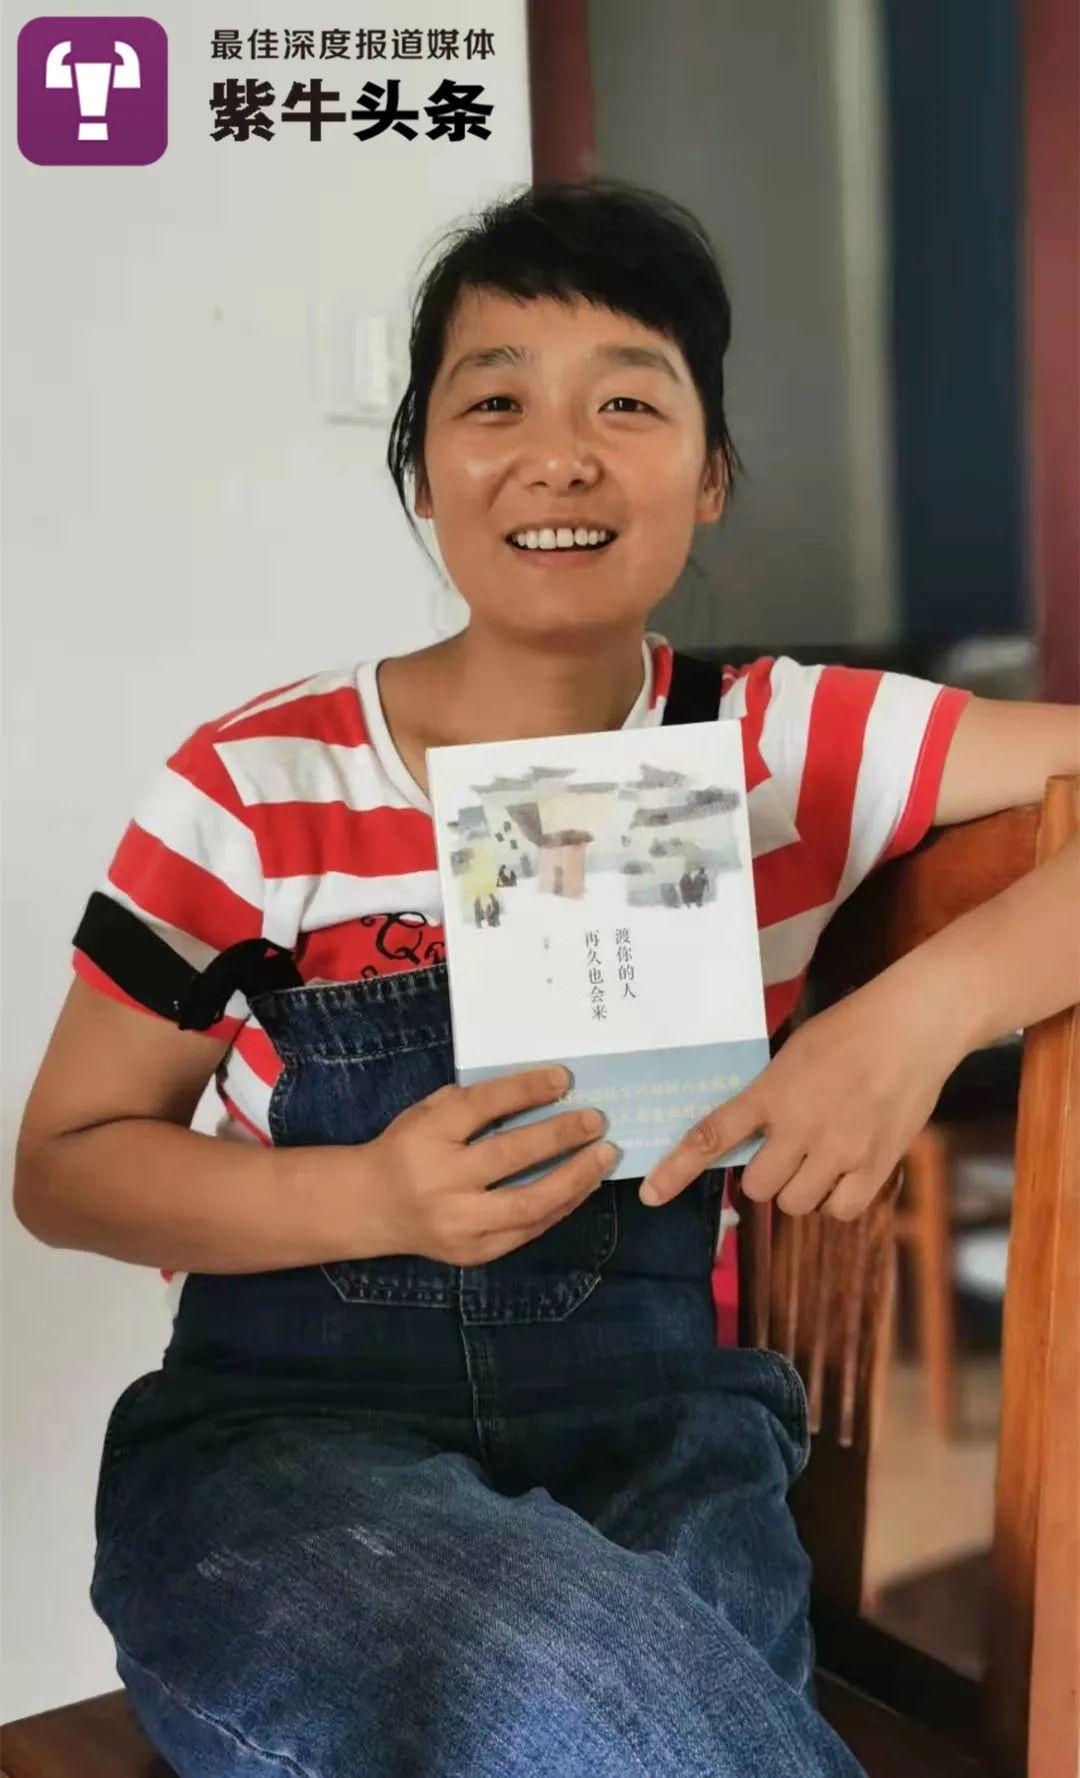 陈慧和她的第一本书